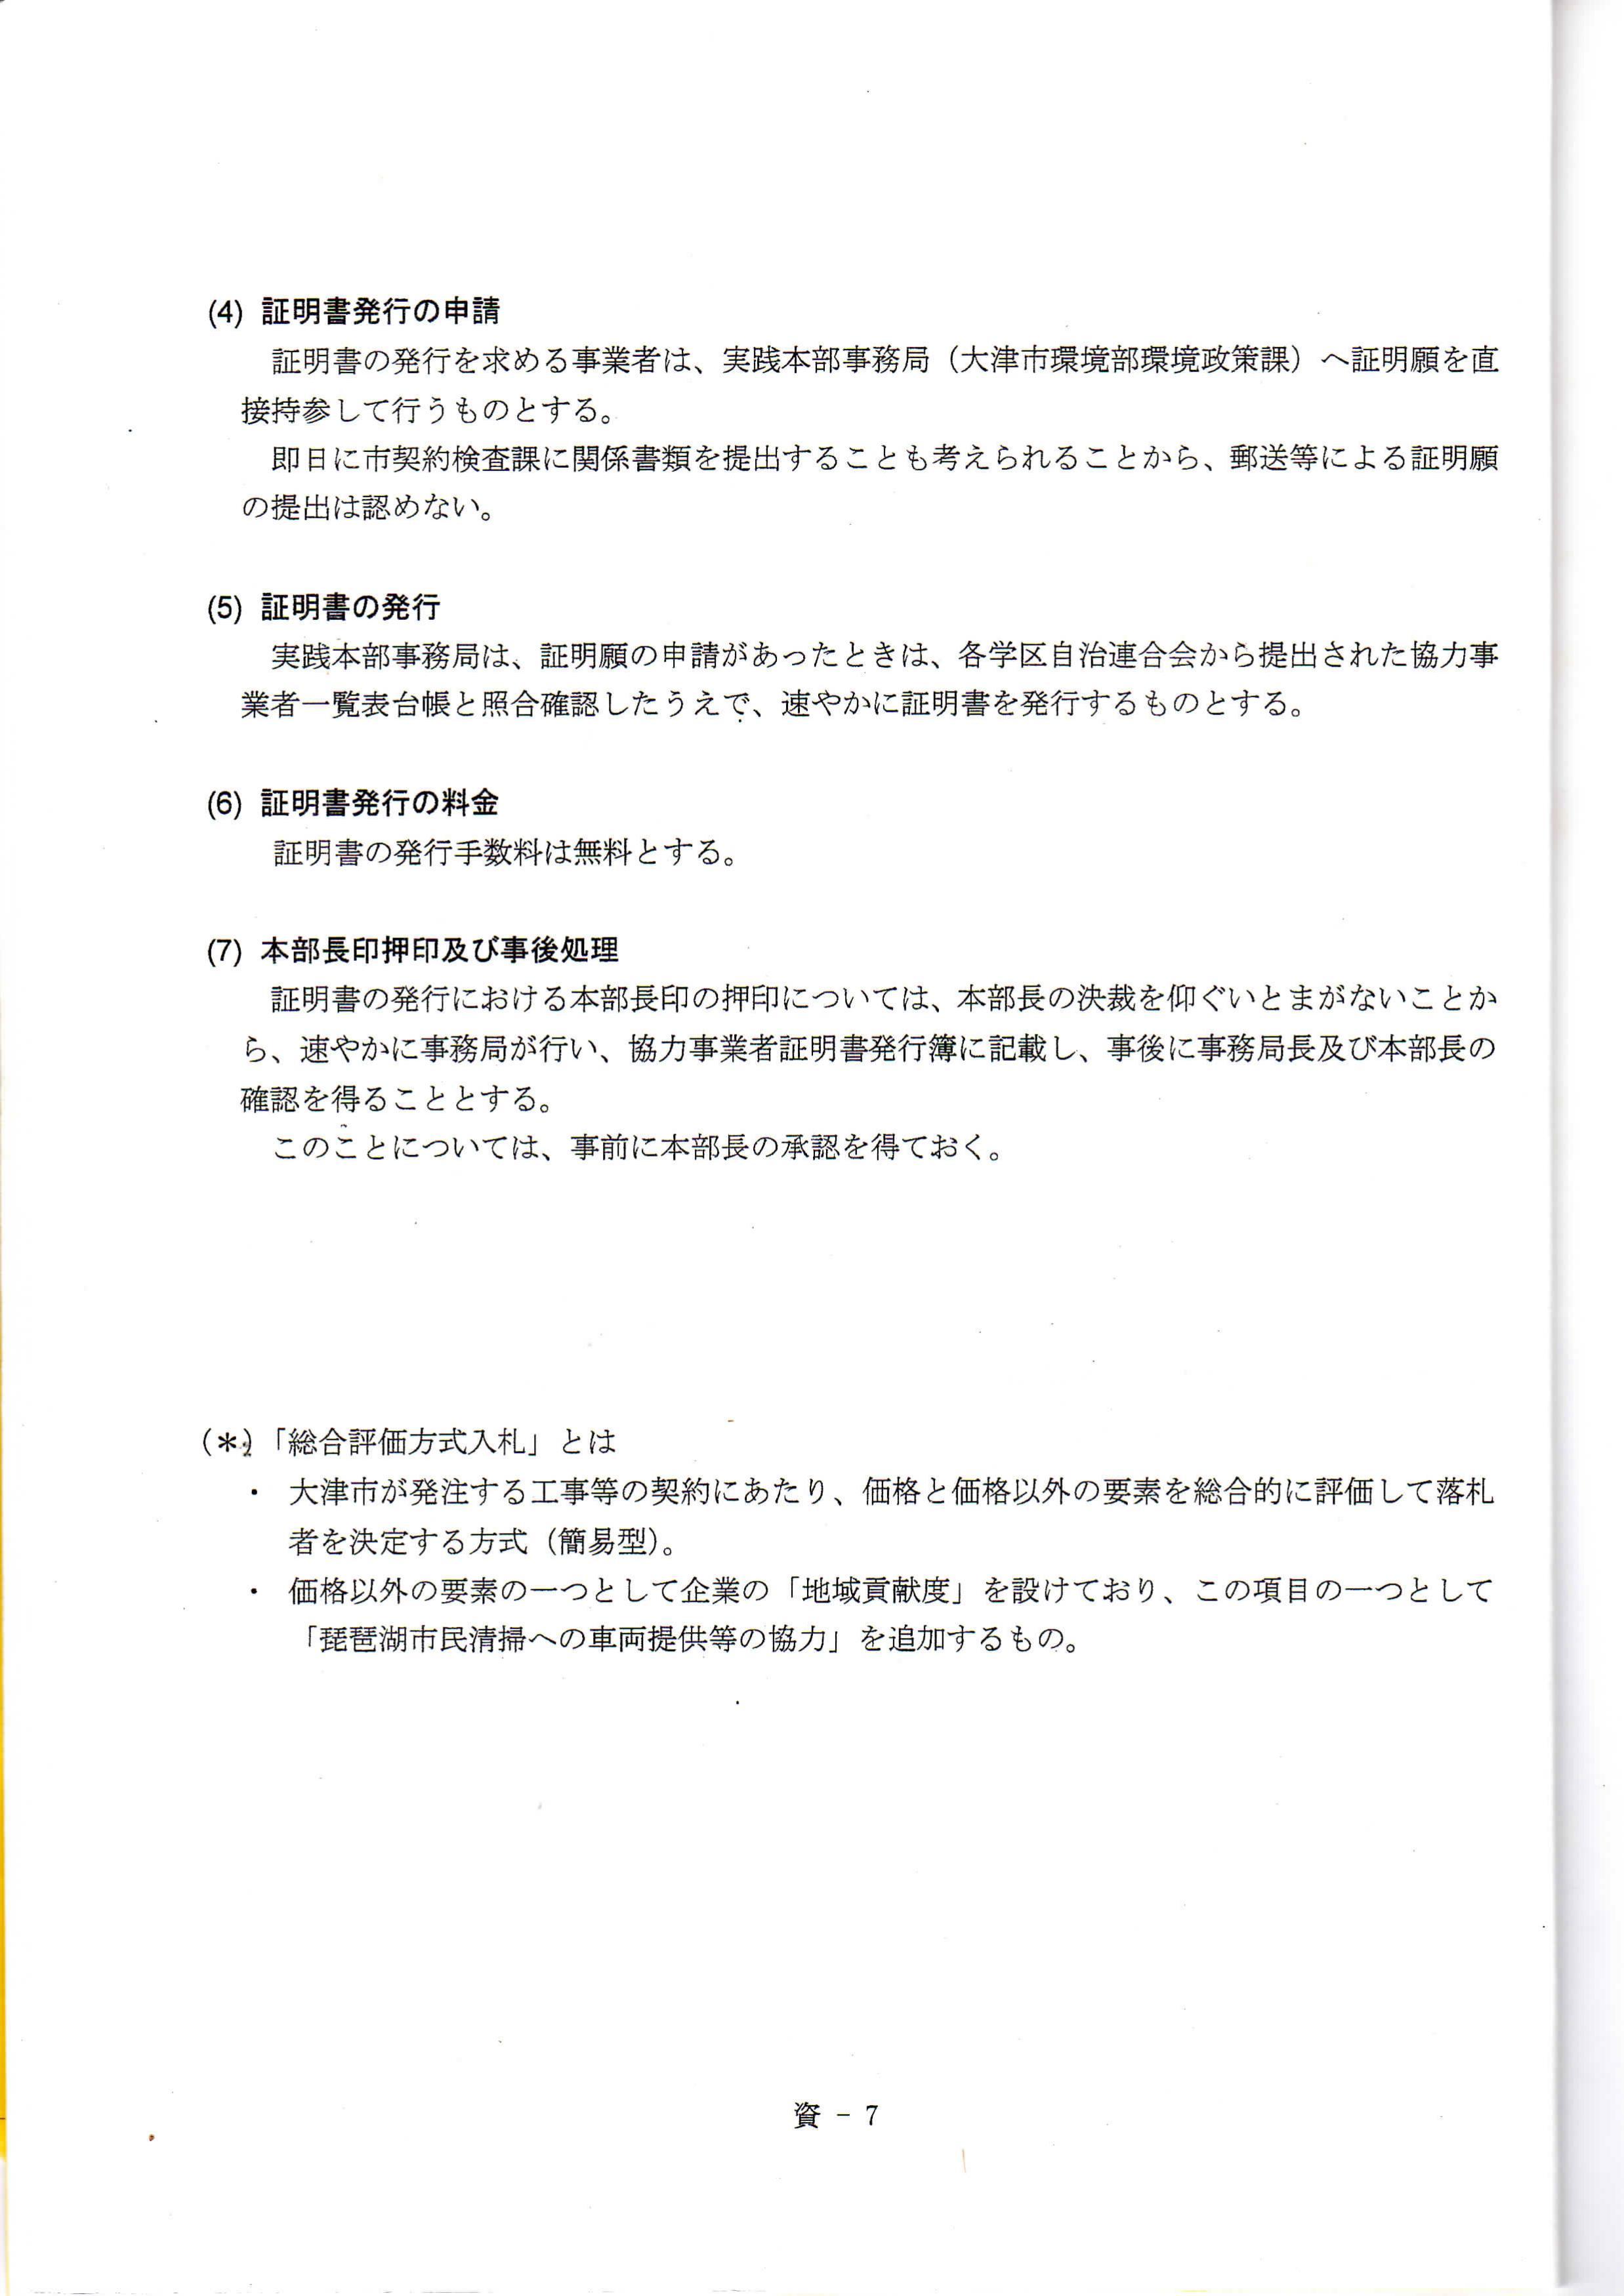 琵琶湖市民清掃の証明書発行について2